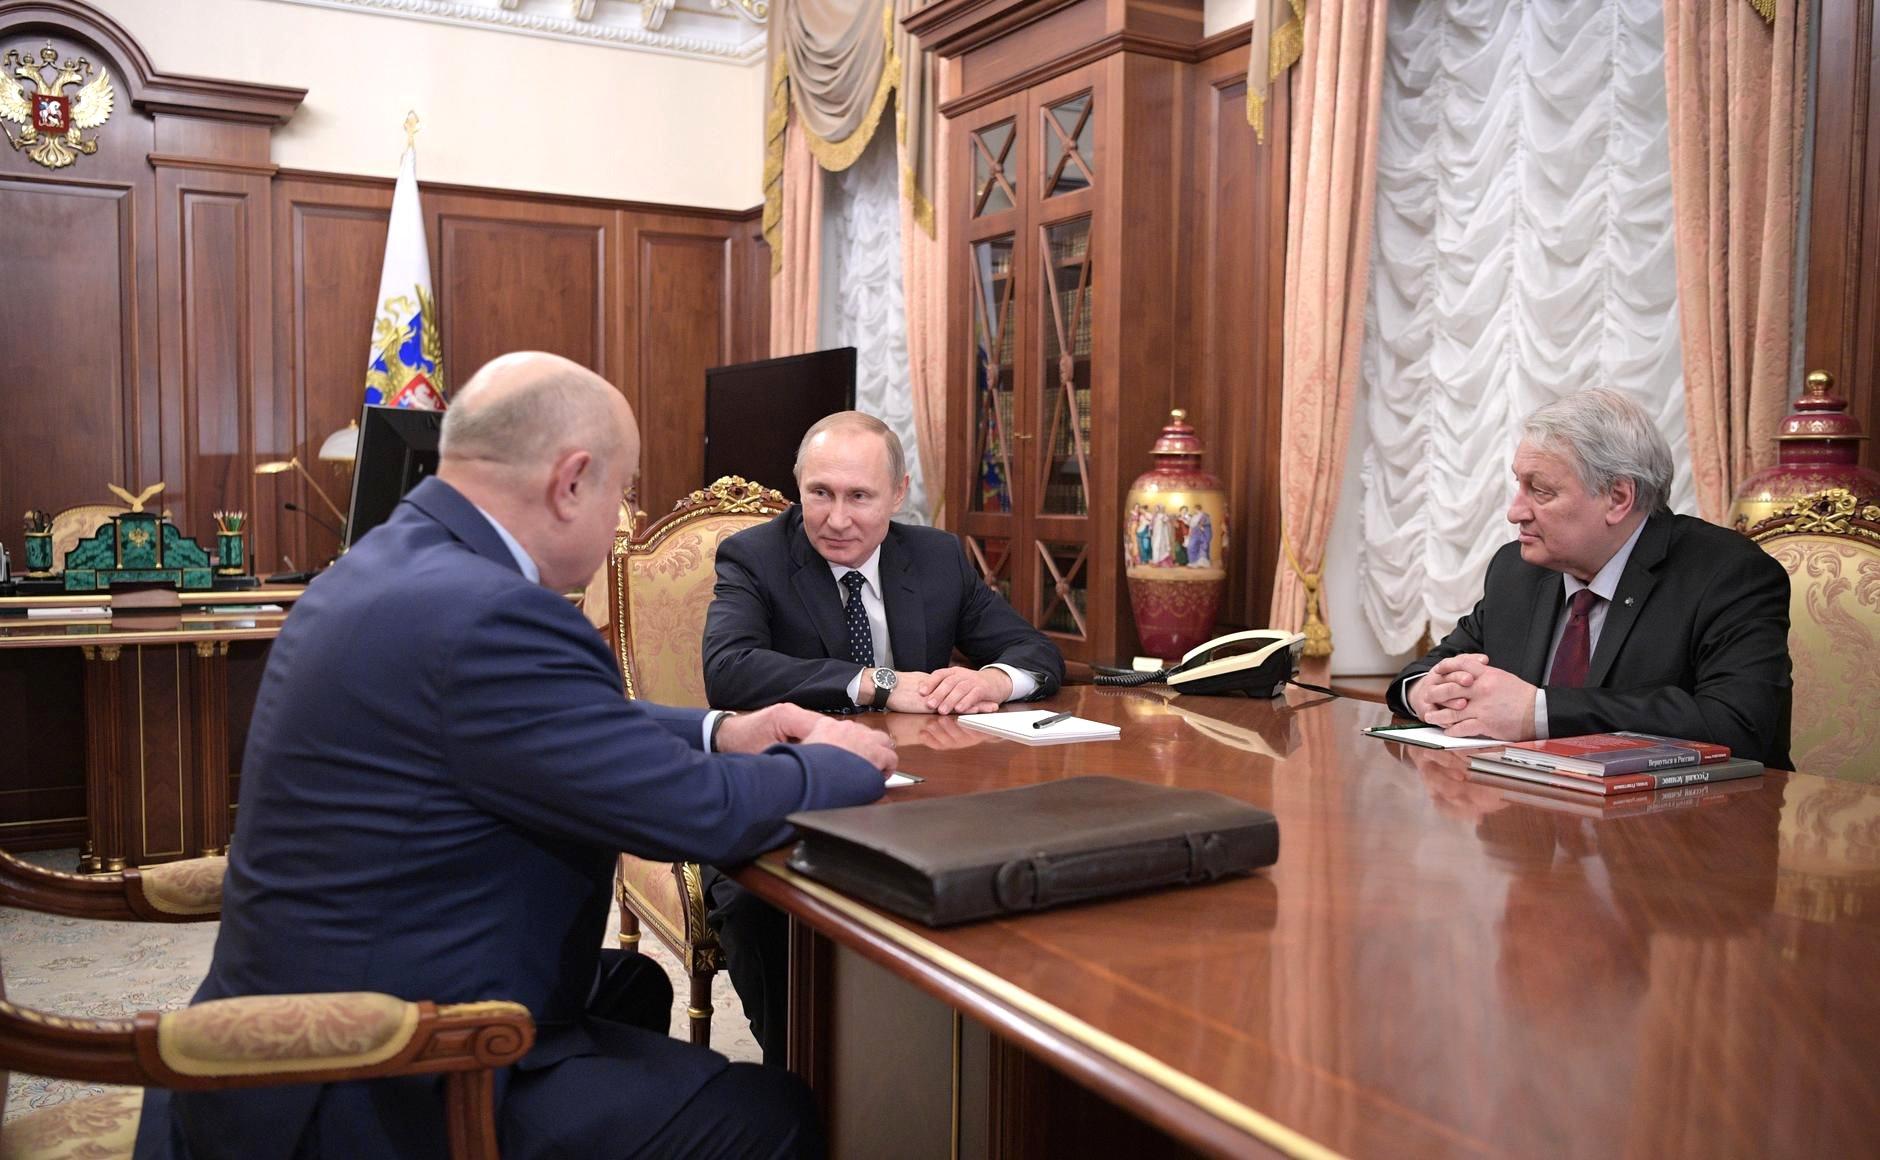 Михаил Фрадков, Владимир Путин и Леонид Решетников